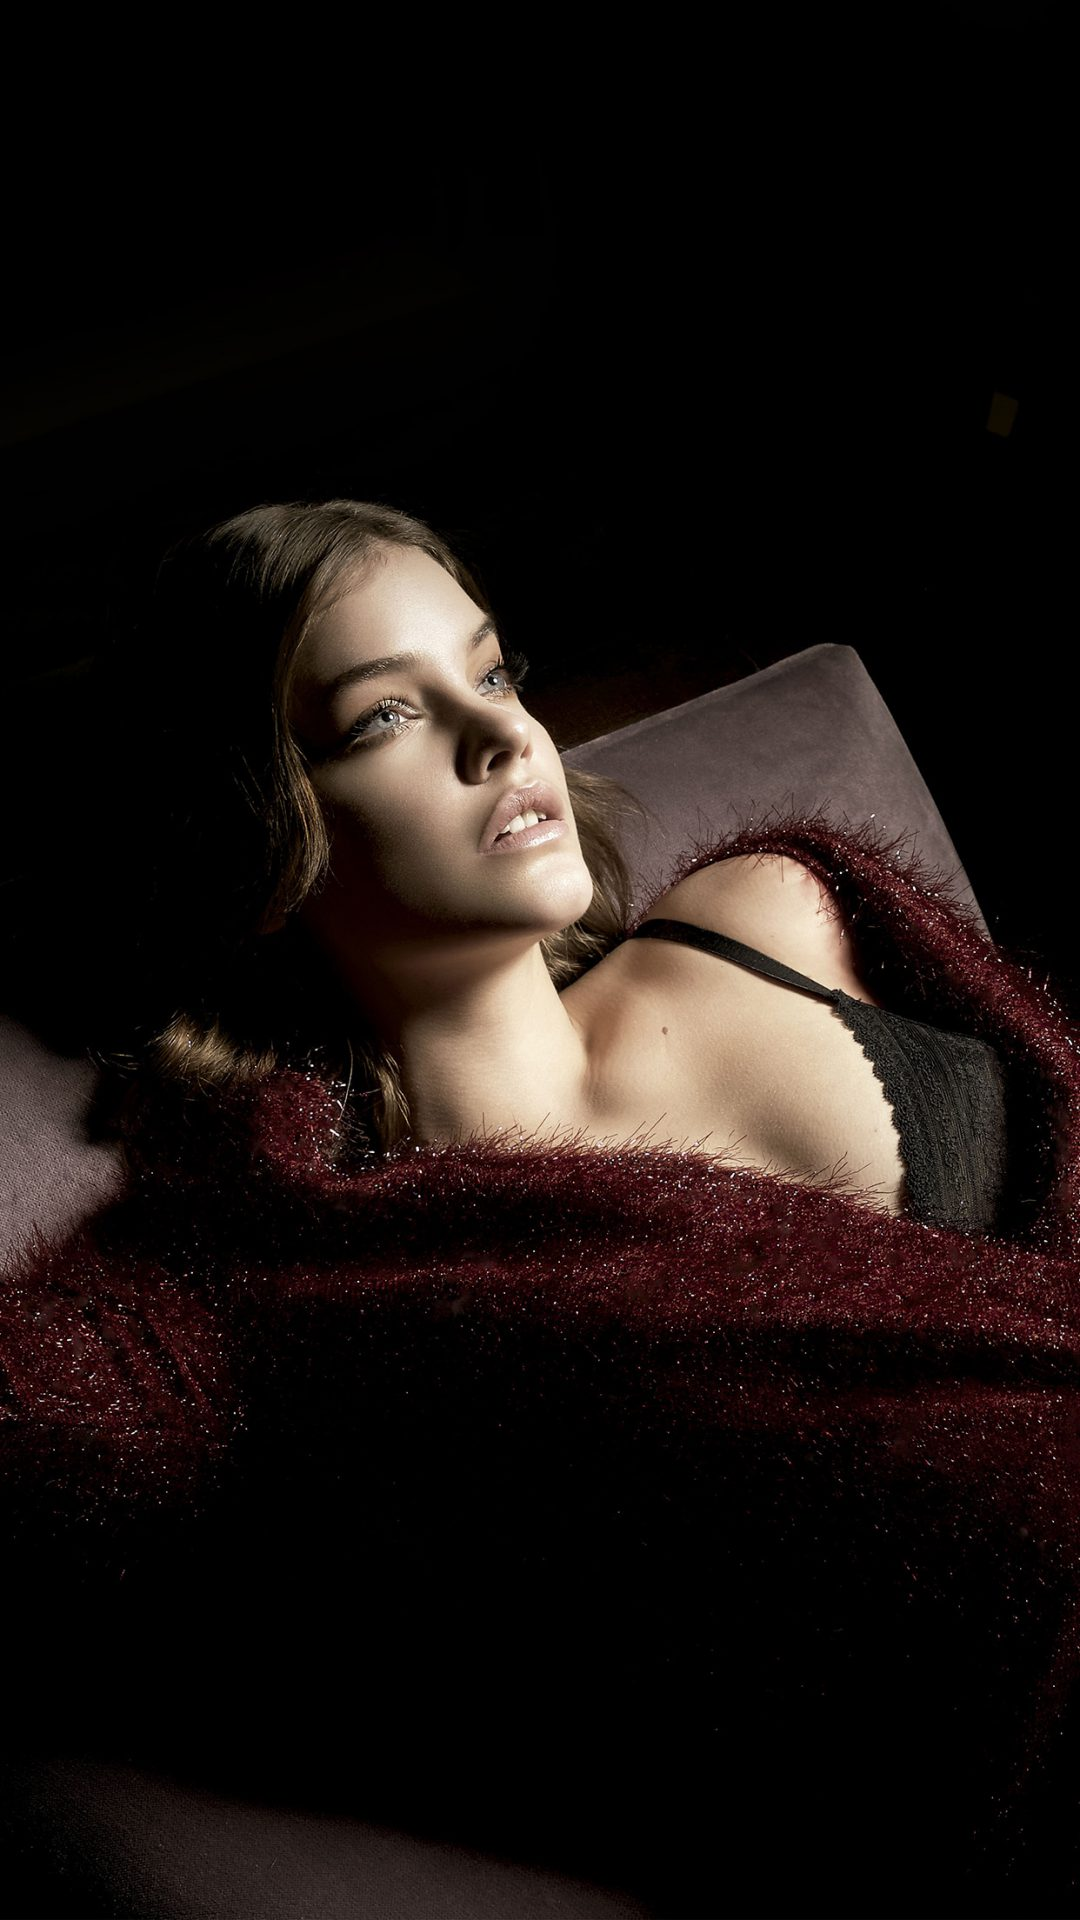 Barbara Palvin Dark Model